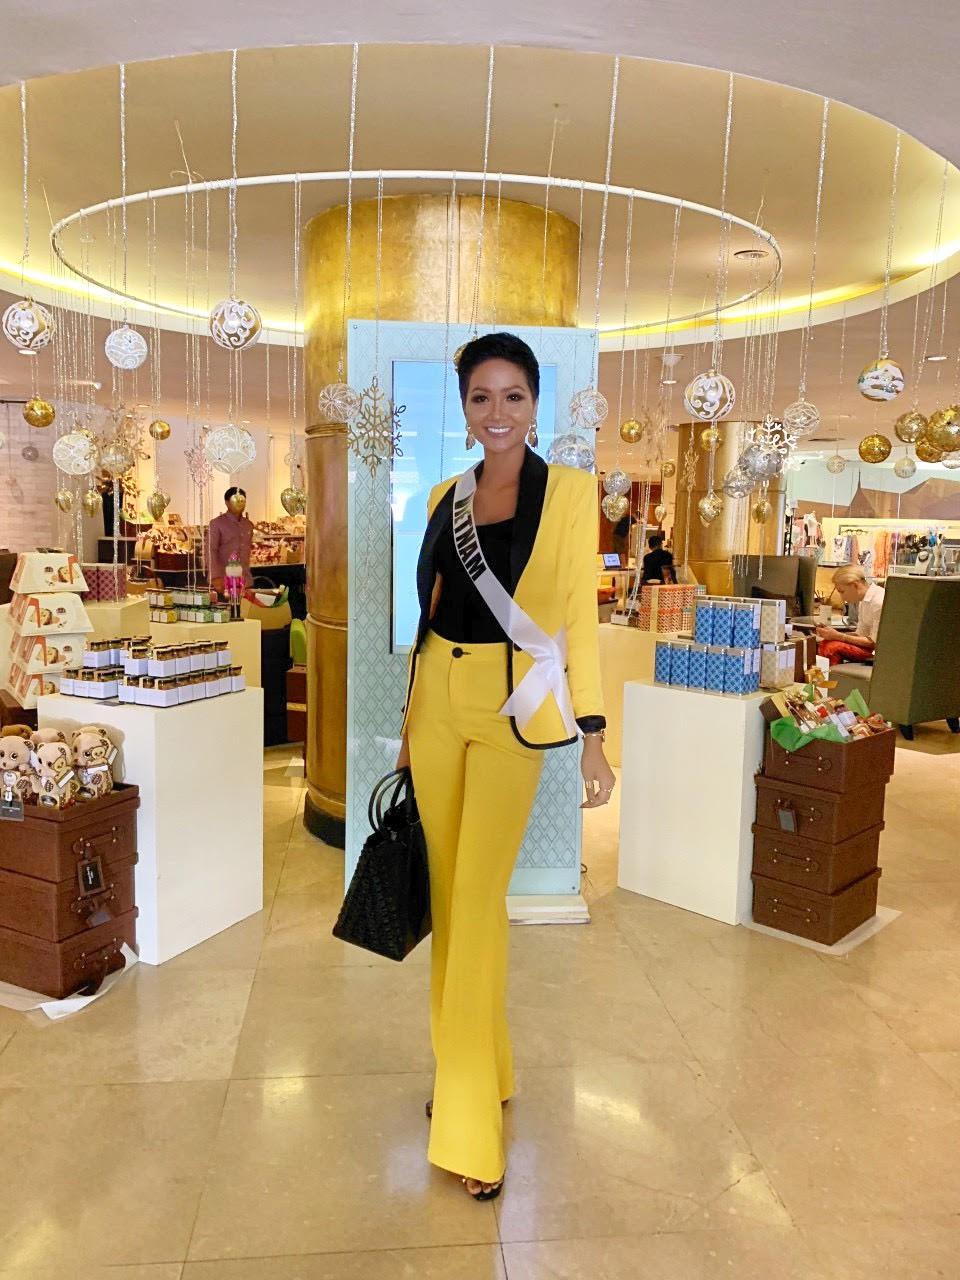 Nào chỉ tóc tém, HHen Niê còn sở hữu nét thời trang này khiến cô khác biệt với mọi ứng viên khác từ Việt Nam - Ảnh 3.